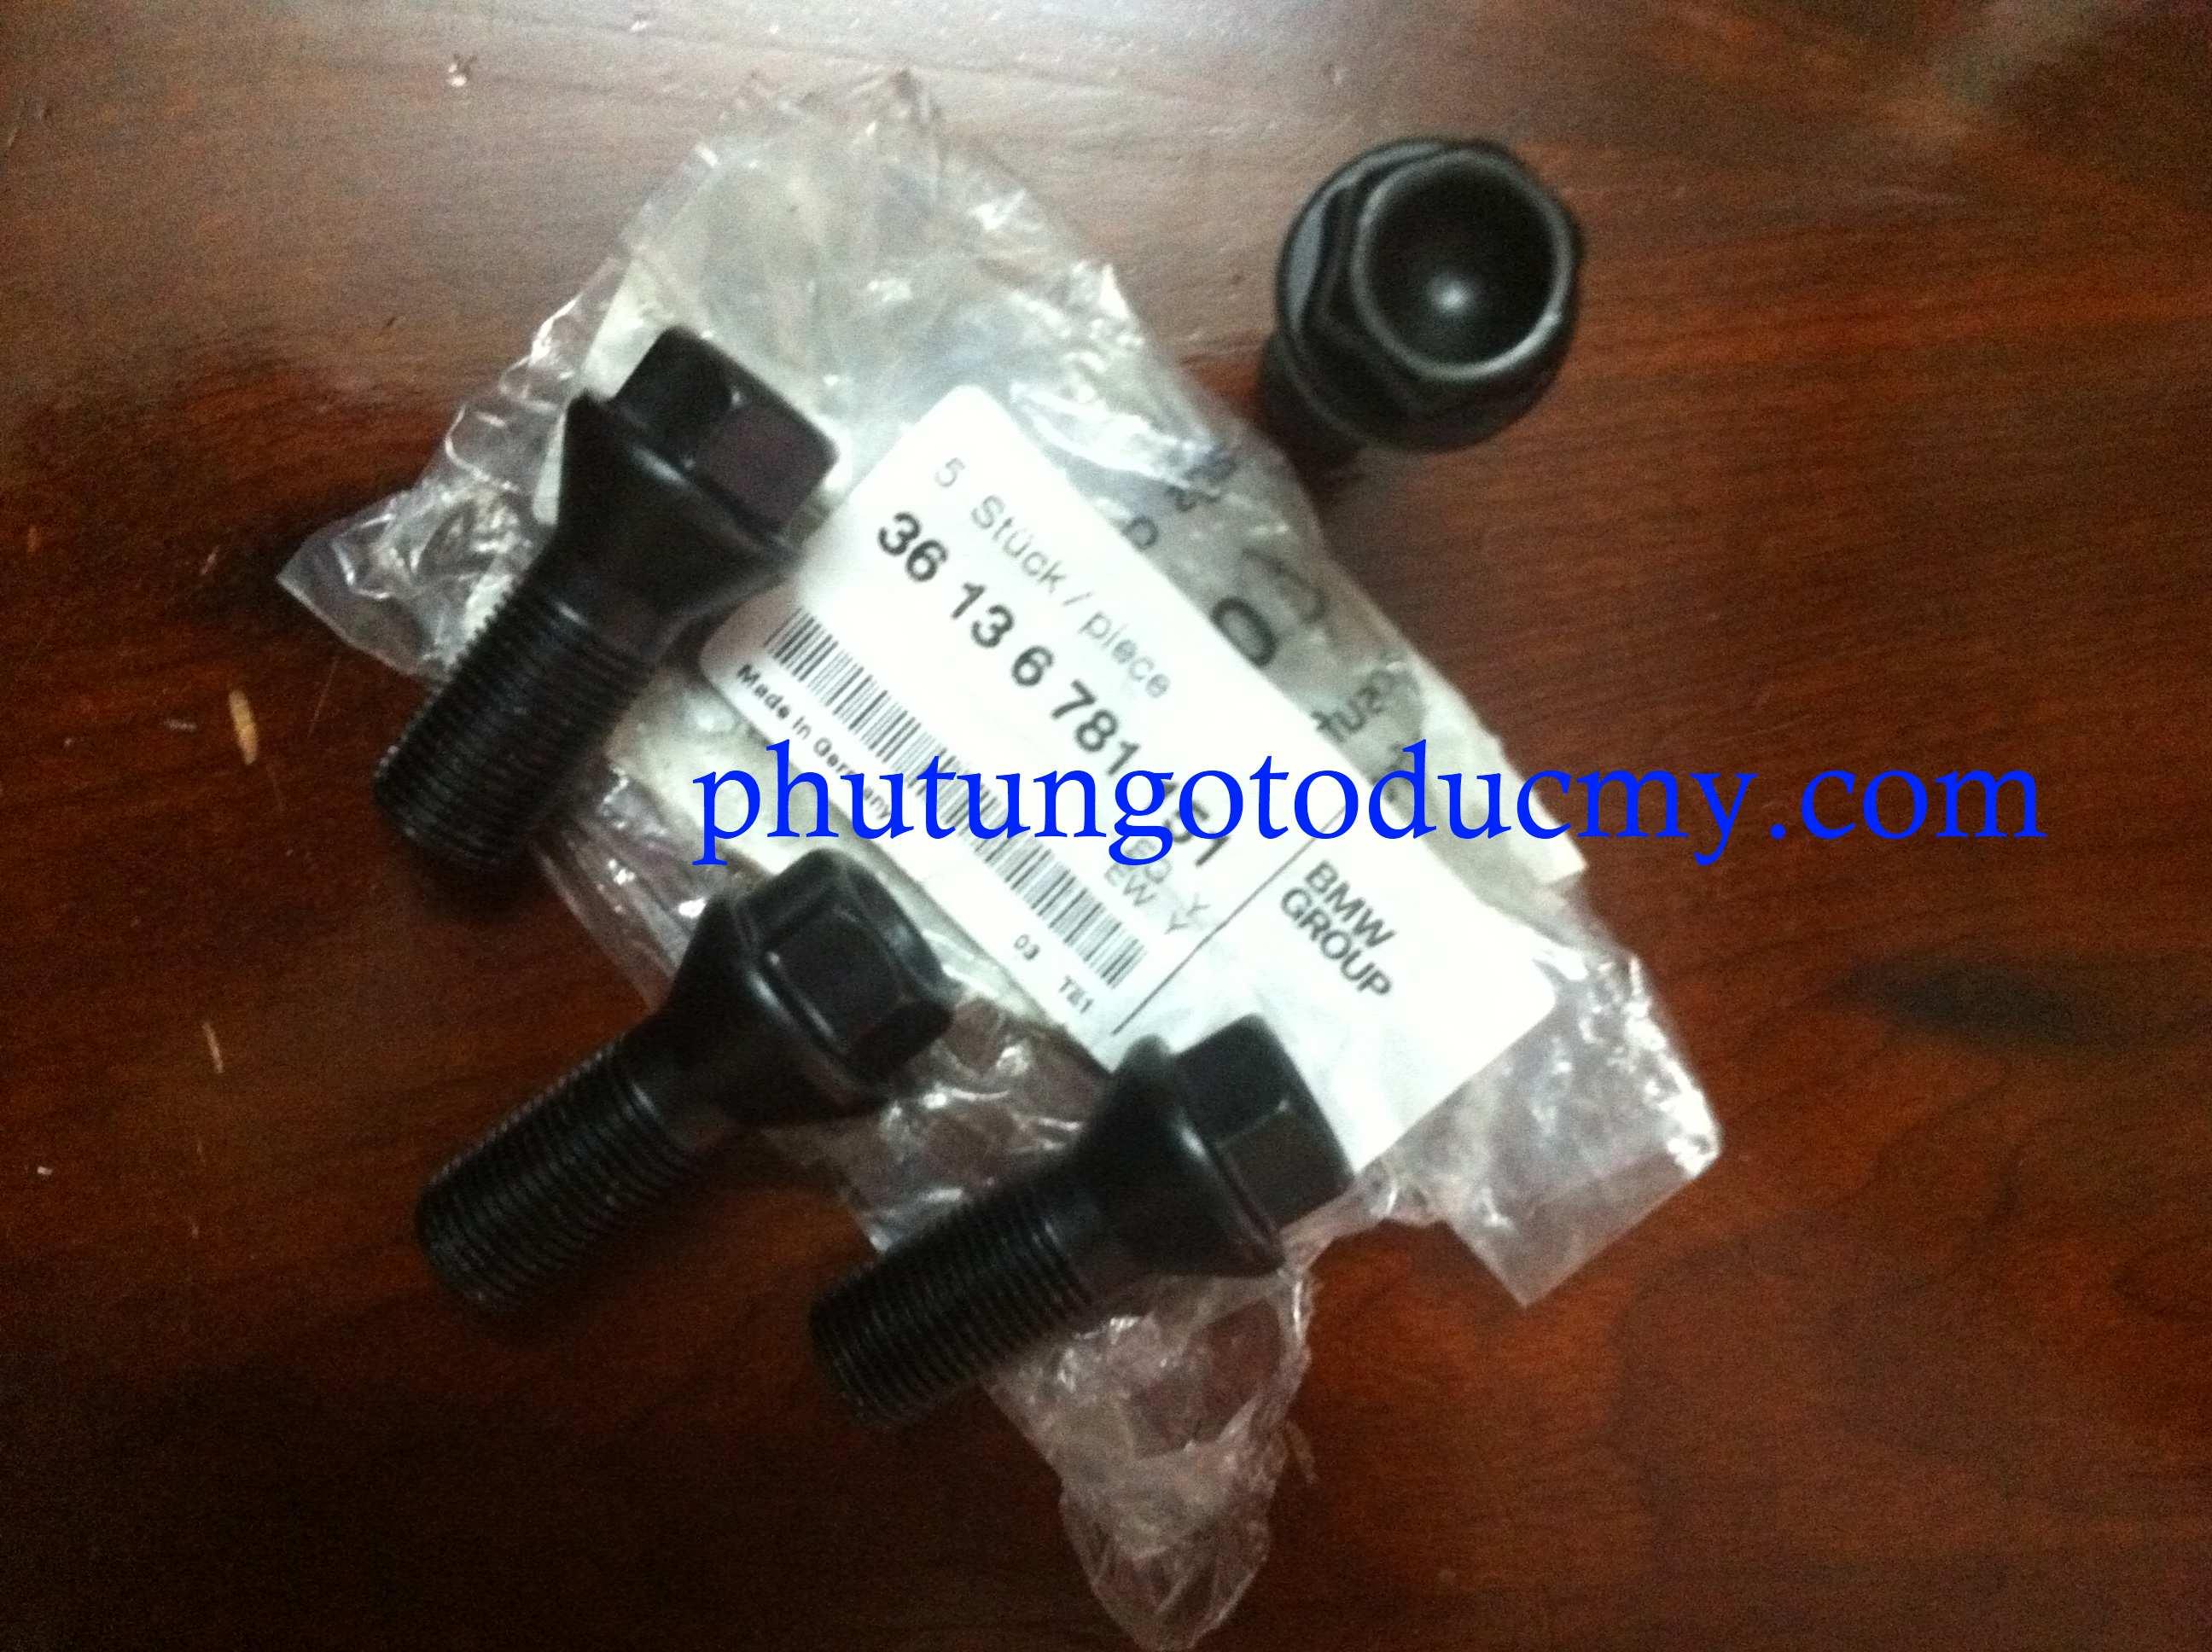 Ốc lốp Bmw X5,X6; 520i, 528i F10 - 36136781151